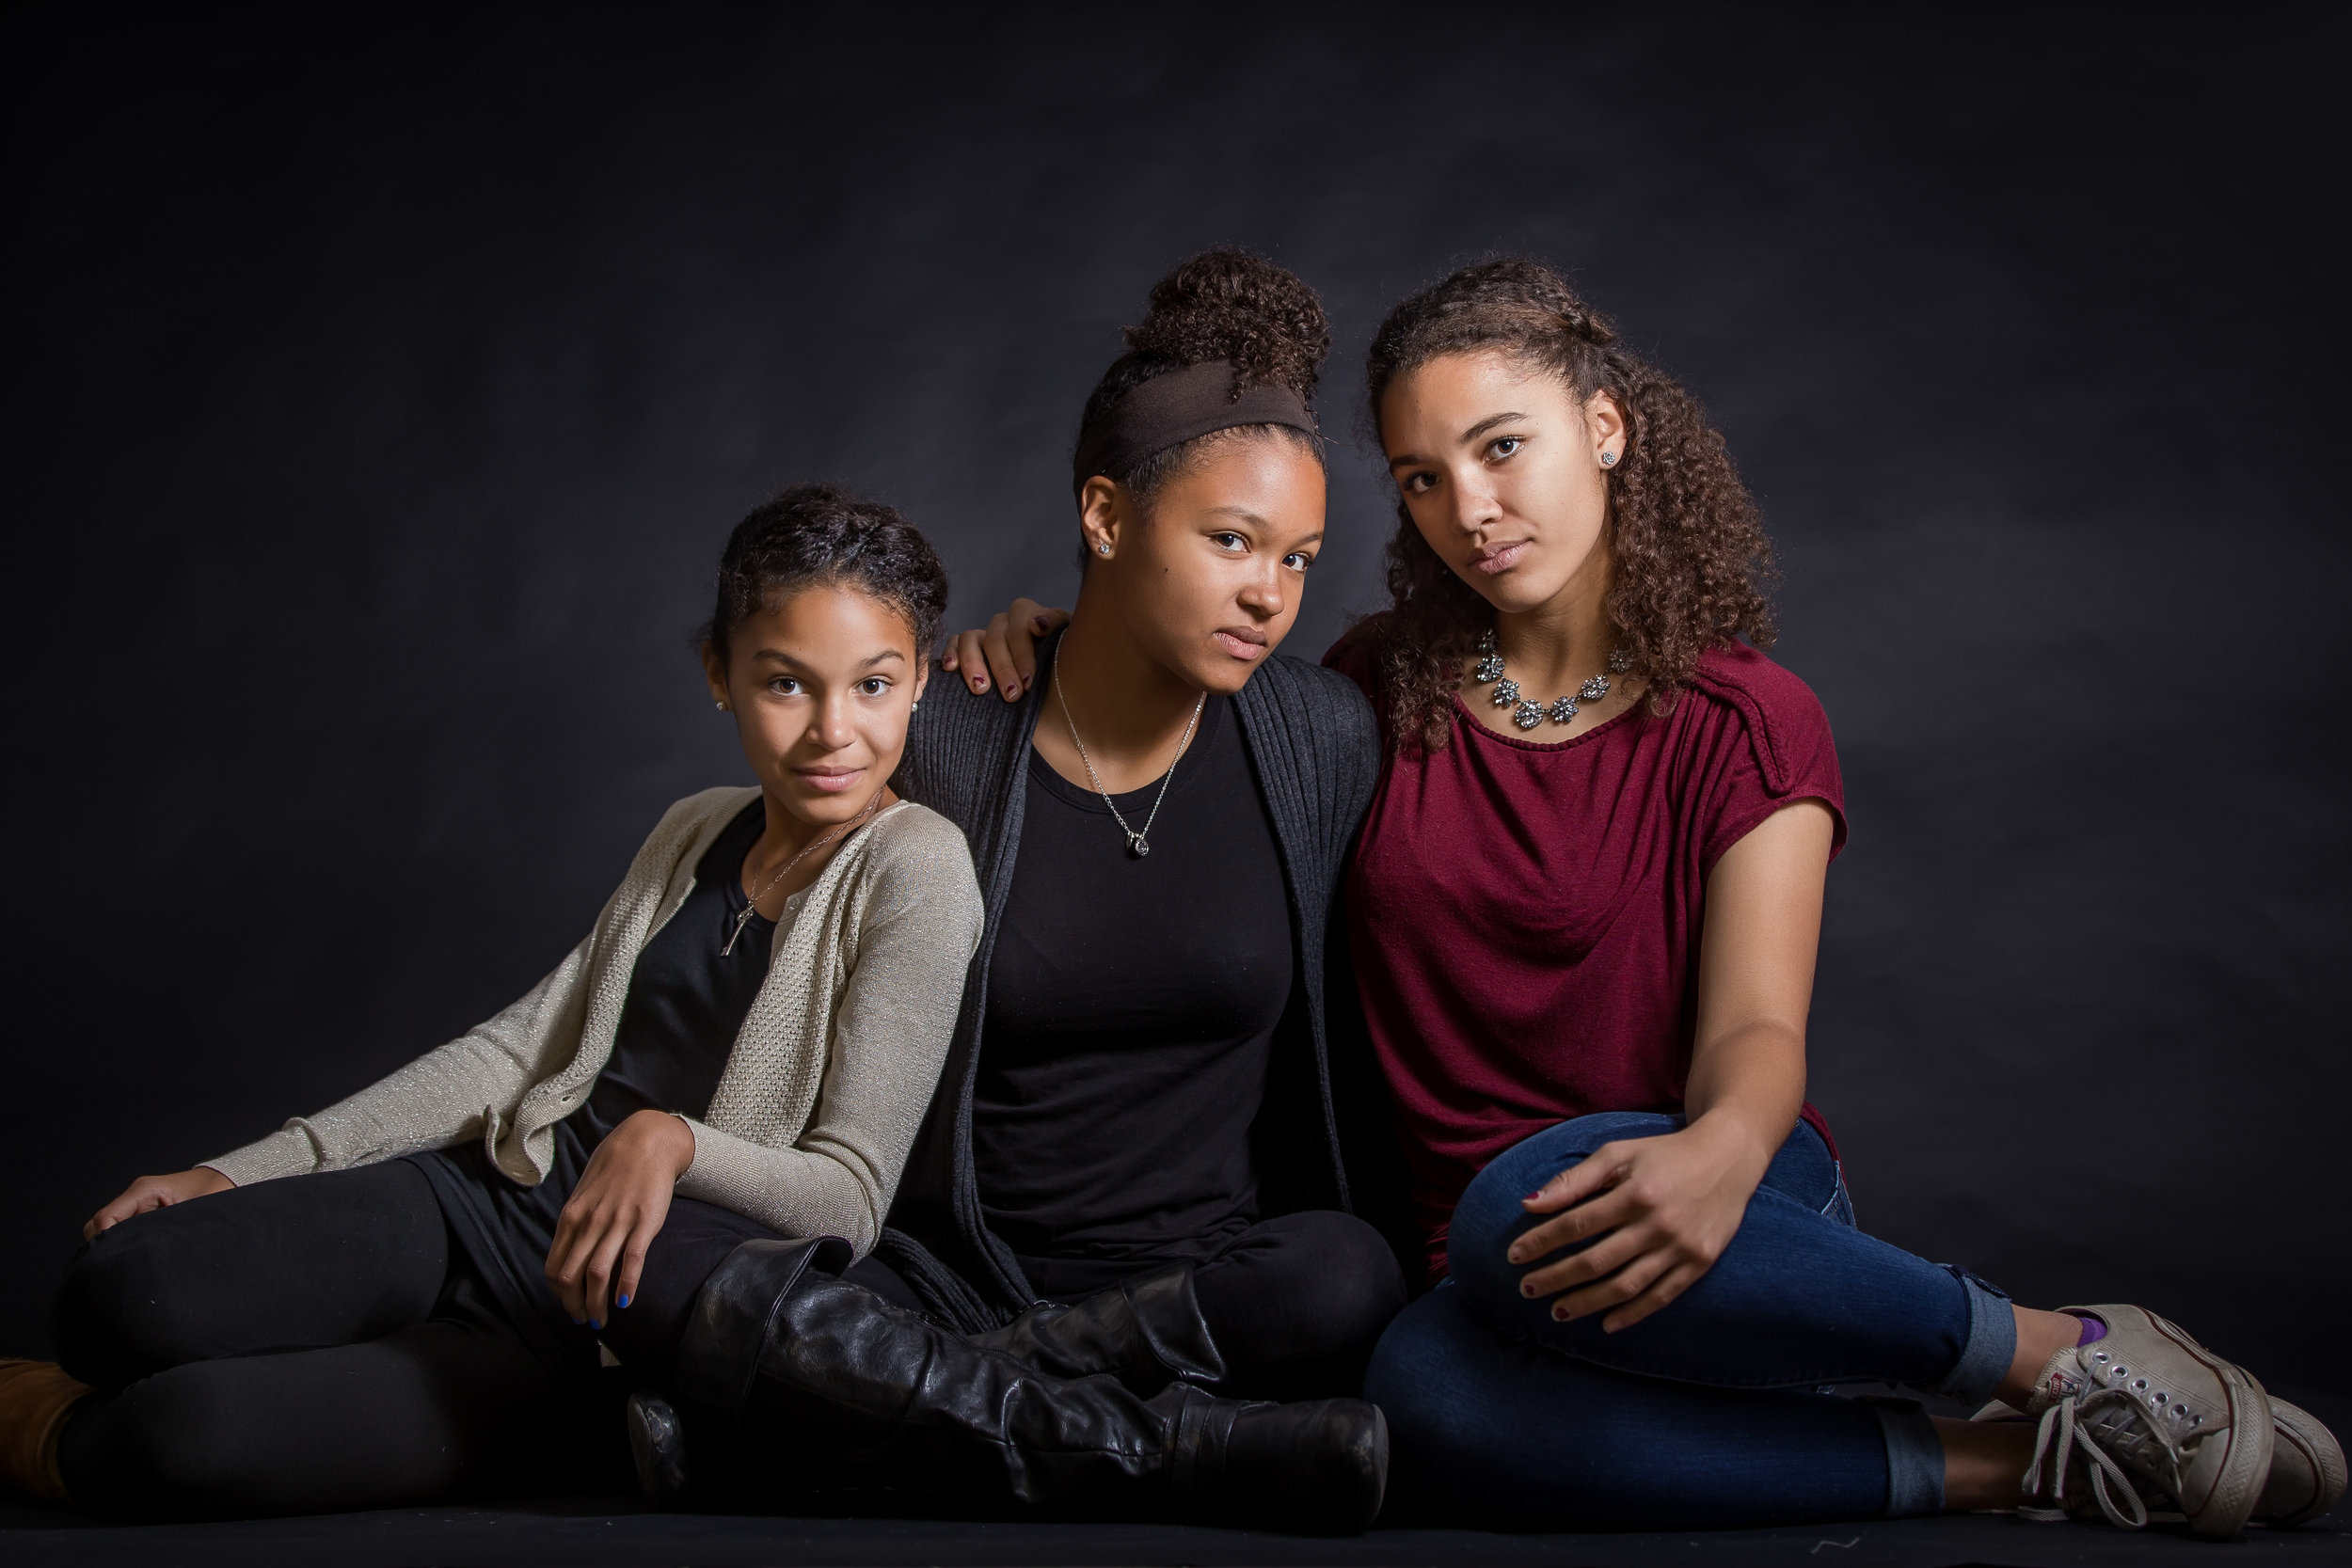 tween portrait of three girls in studio